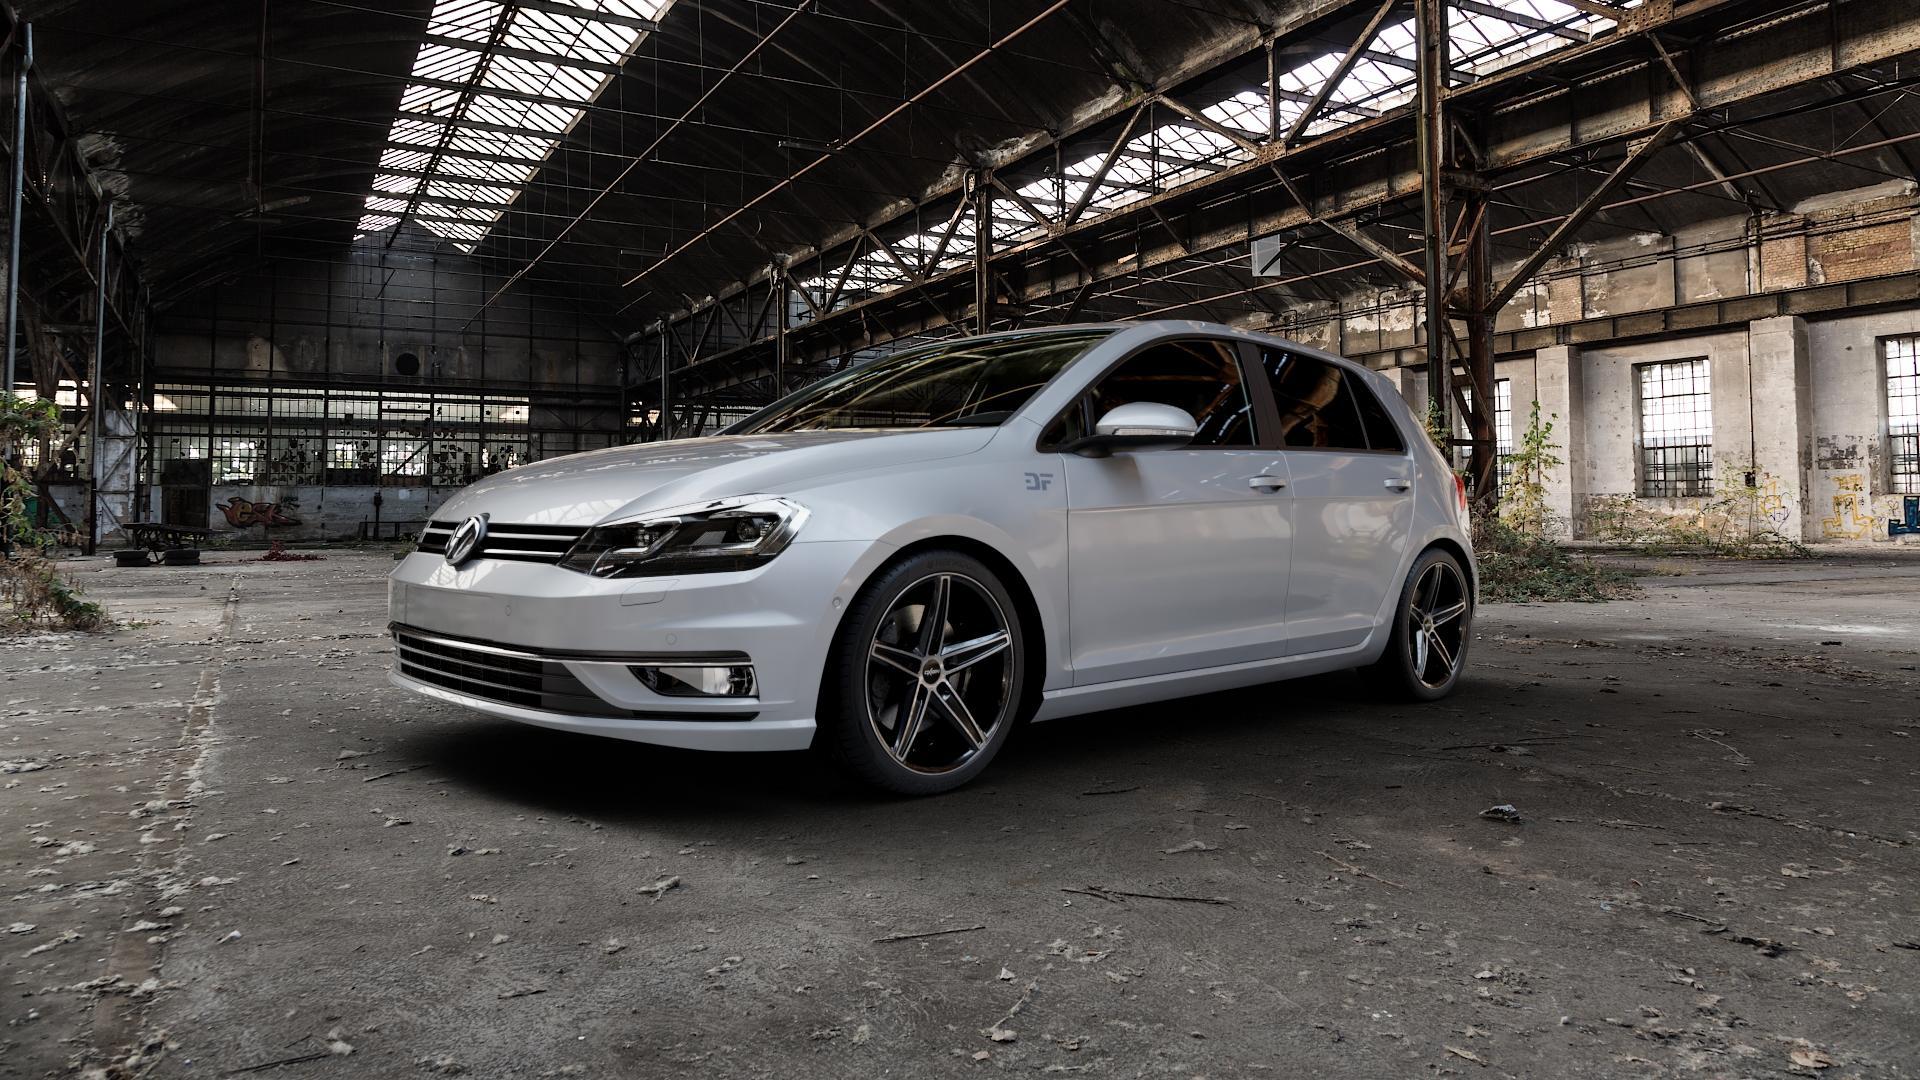 OXIGIN 18 Concave black full polish Felge mit Reifen silber schwarz mehrfarbig in 18Zoll Alufelge auf silbernem Volkswagen (VW) Golf 7 Facelift 1,0l TSI 63kW (86 PS) 2,0l TDI 110kW (150 1,6l 66kW (90 1,4l 92kW (125 EcoFuel 85kW (116 81kW (110 TGI 4Motion 1,5l 96kW (131 ⬇️ mit 15mm Tieferlegung ⬇️ Industriehalle 1 Camera_000